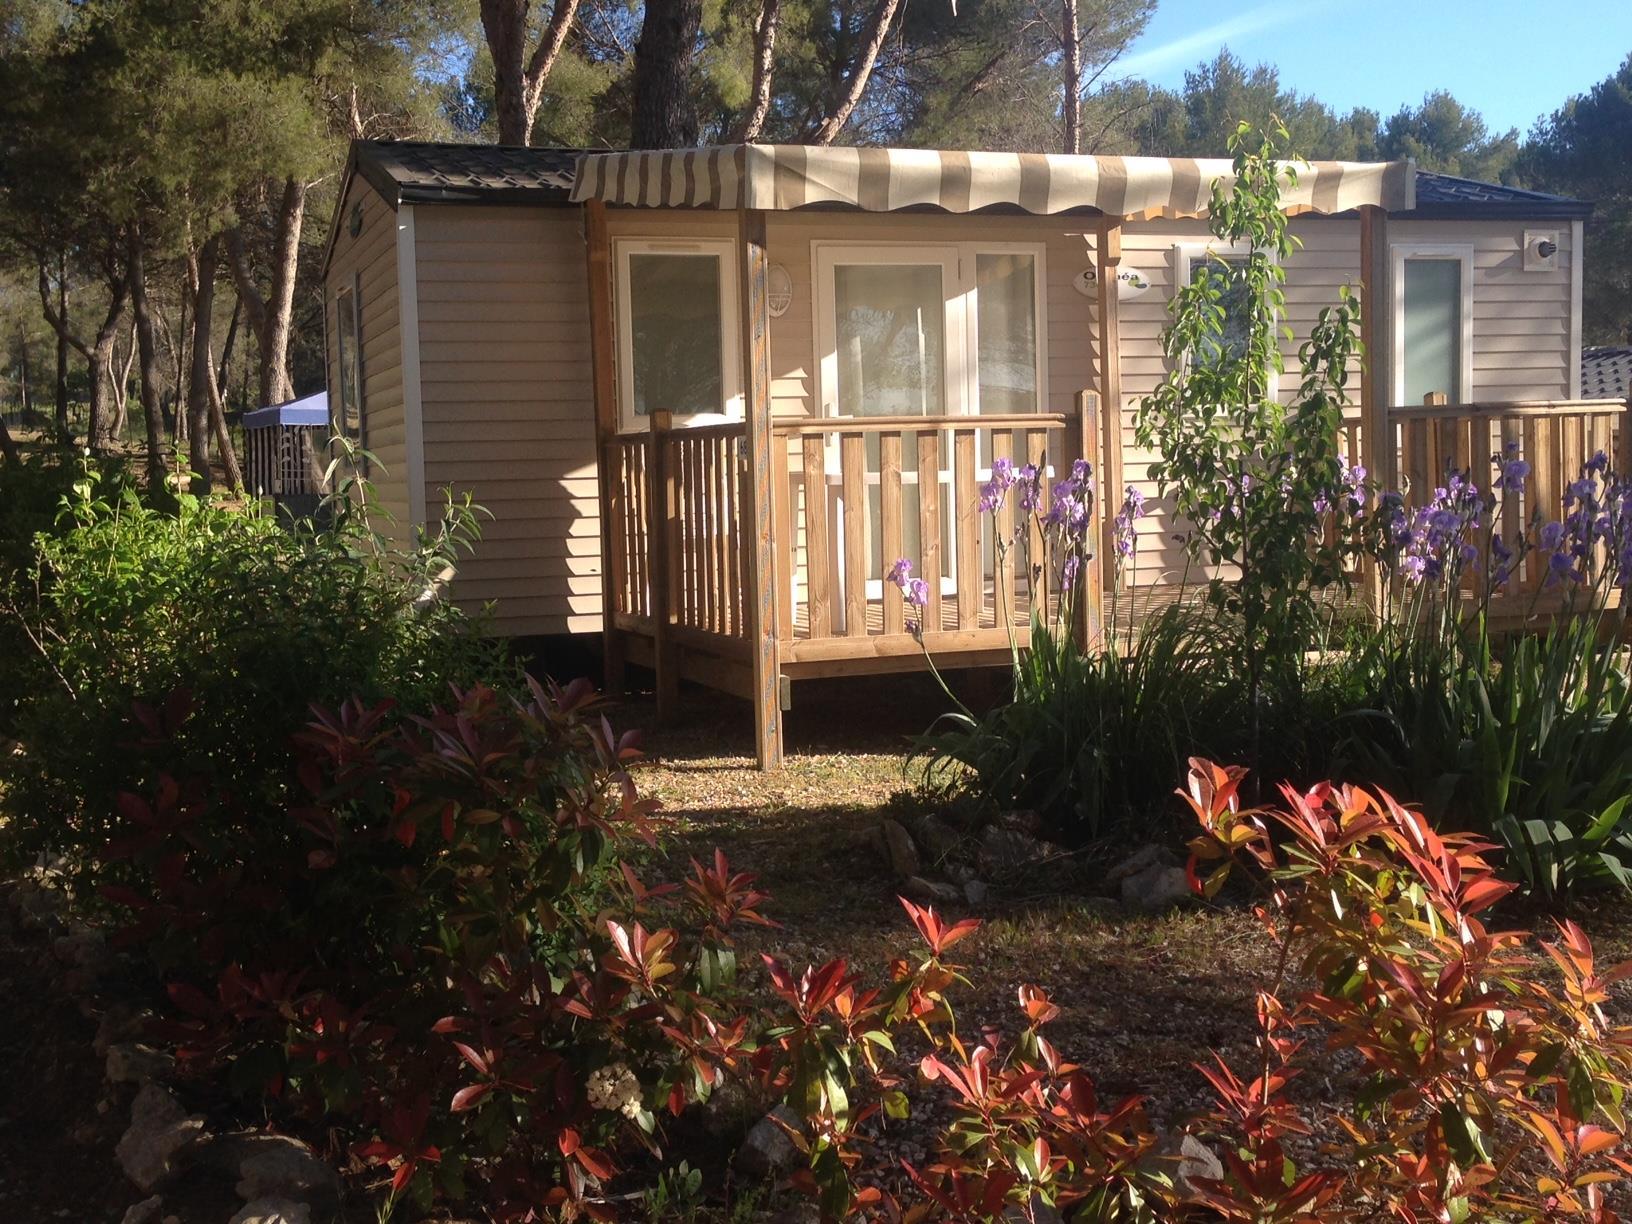 Camping Provence, Lambesc, Bouches-du-Rhône